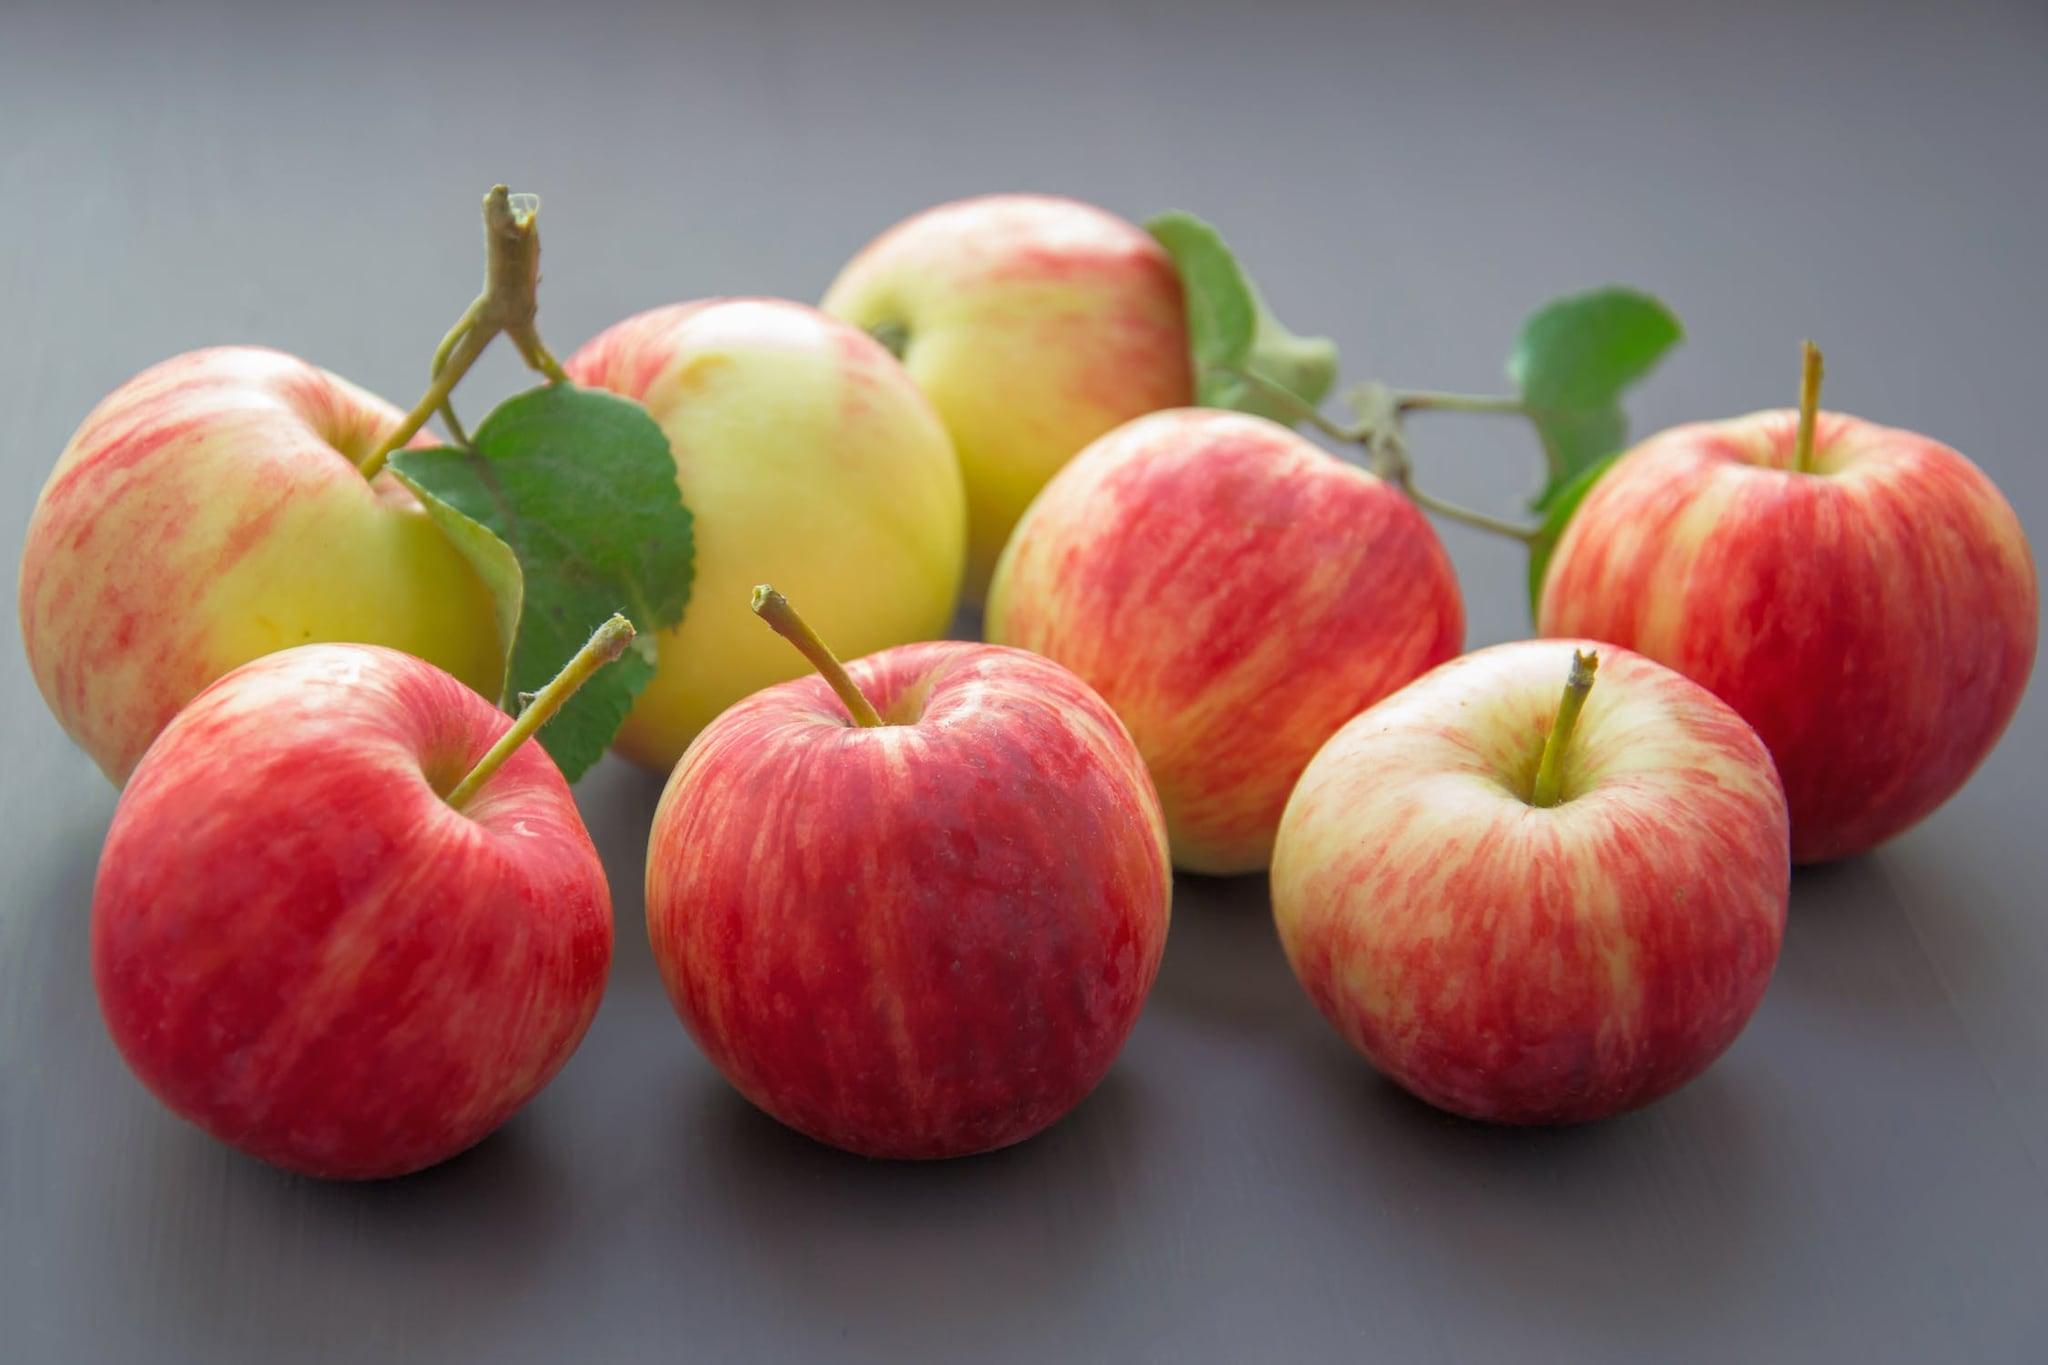 Apples : యాపిల్స్లో ఫ్రక్టోజ్, యాంటీఆక్సిడెంట్ పాలీఫెనాల్స్ ఉంటాయి. ఇవి మన బాడీలో మెటబాలిజం (క్రమపద్ధతి)ని పెంచుతాయి. అందువల్ల రక్తంలో త్వరగా షుగర్ కలిసిపోదు. టైప్-2 డయాబెటిస్ రాకుండా యాపిల్స్ మేలు చేస్తున్నాయి. వీటిలోని ఆంథోసియానిన్ ఈ ప్రయోజనం కలిగిస్తోంది.